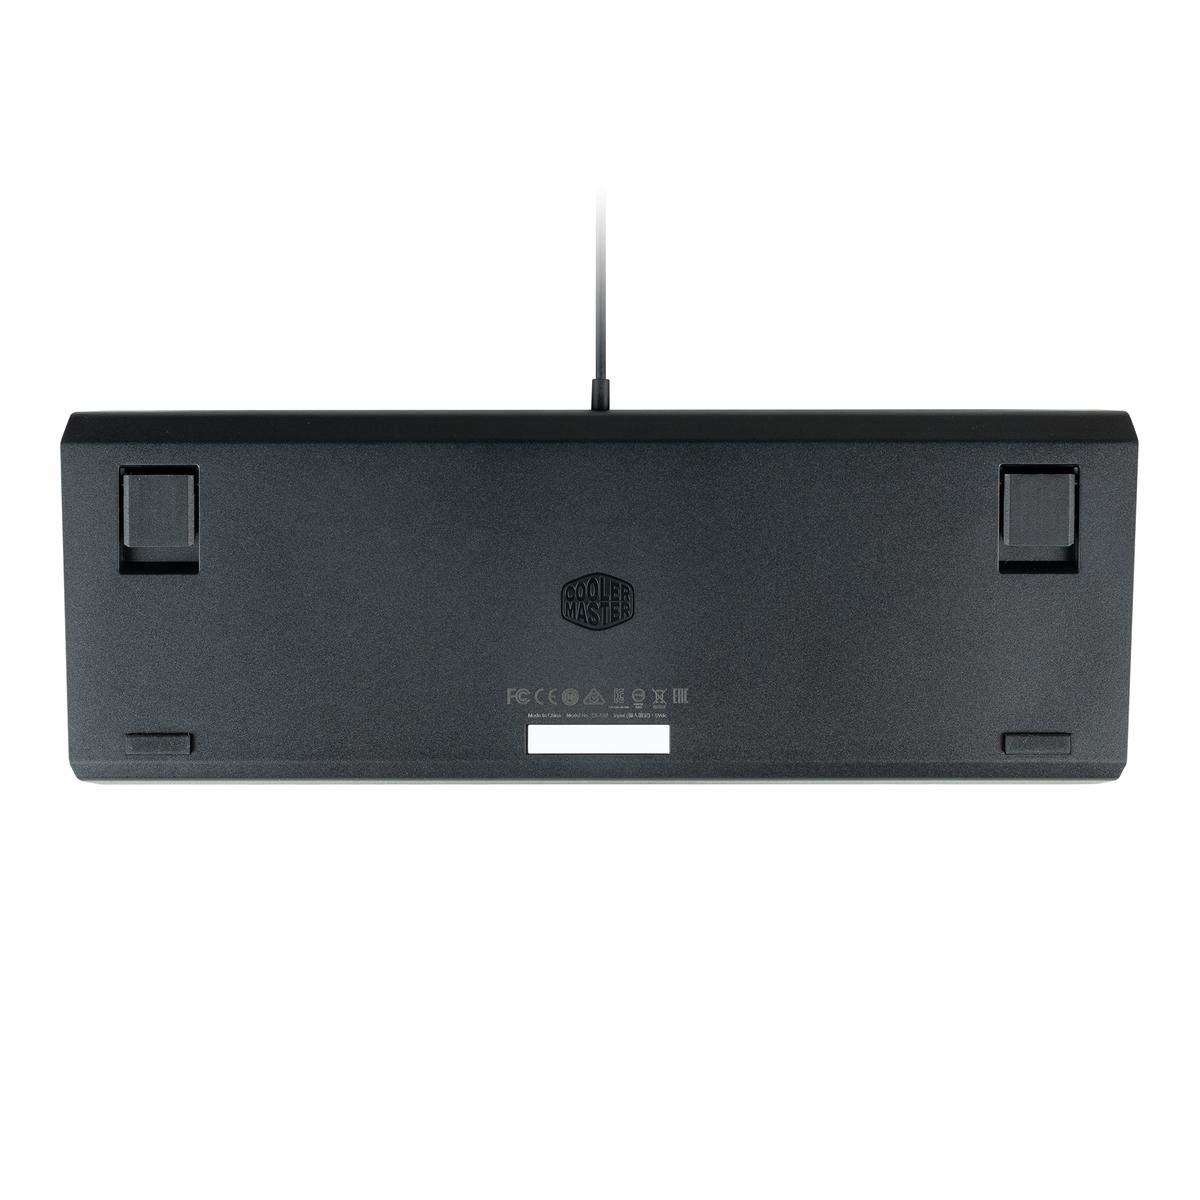 COOLER MASTER MASTERKEYS CK530 TKL mechaninė laidinė RGB klaviatūra   US BROWN